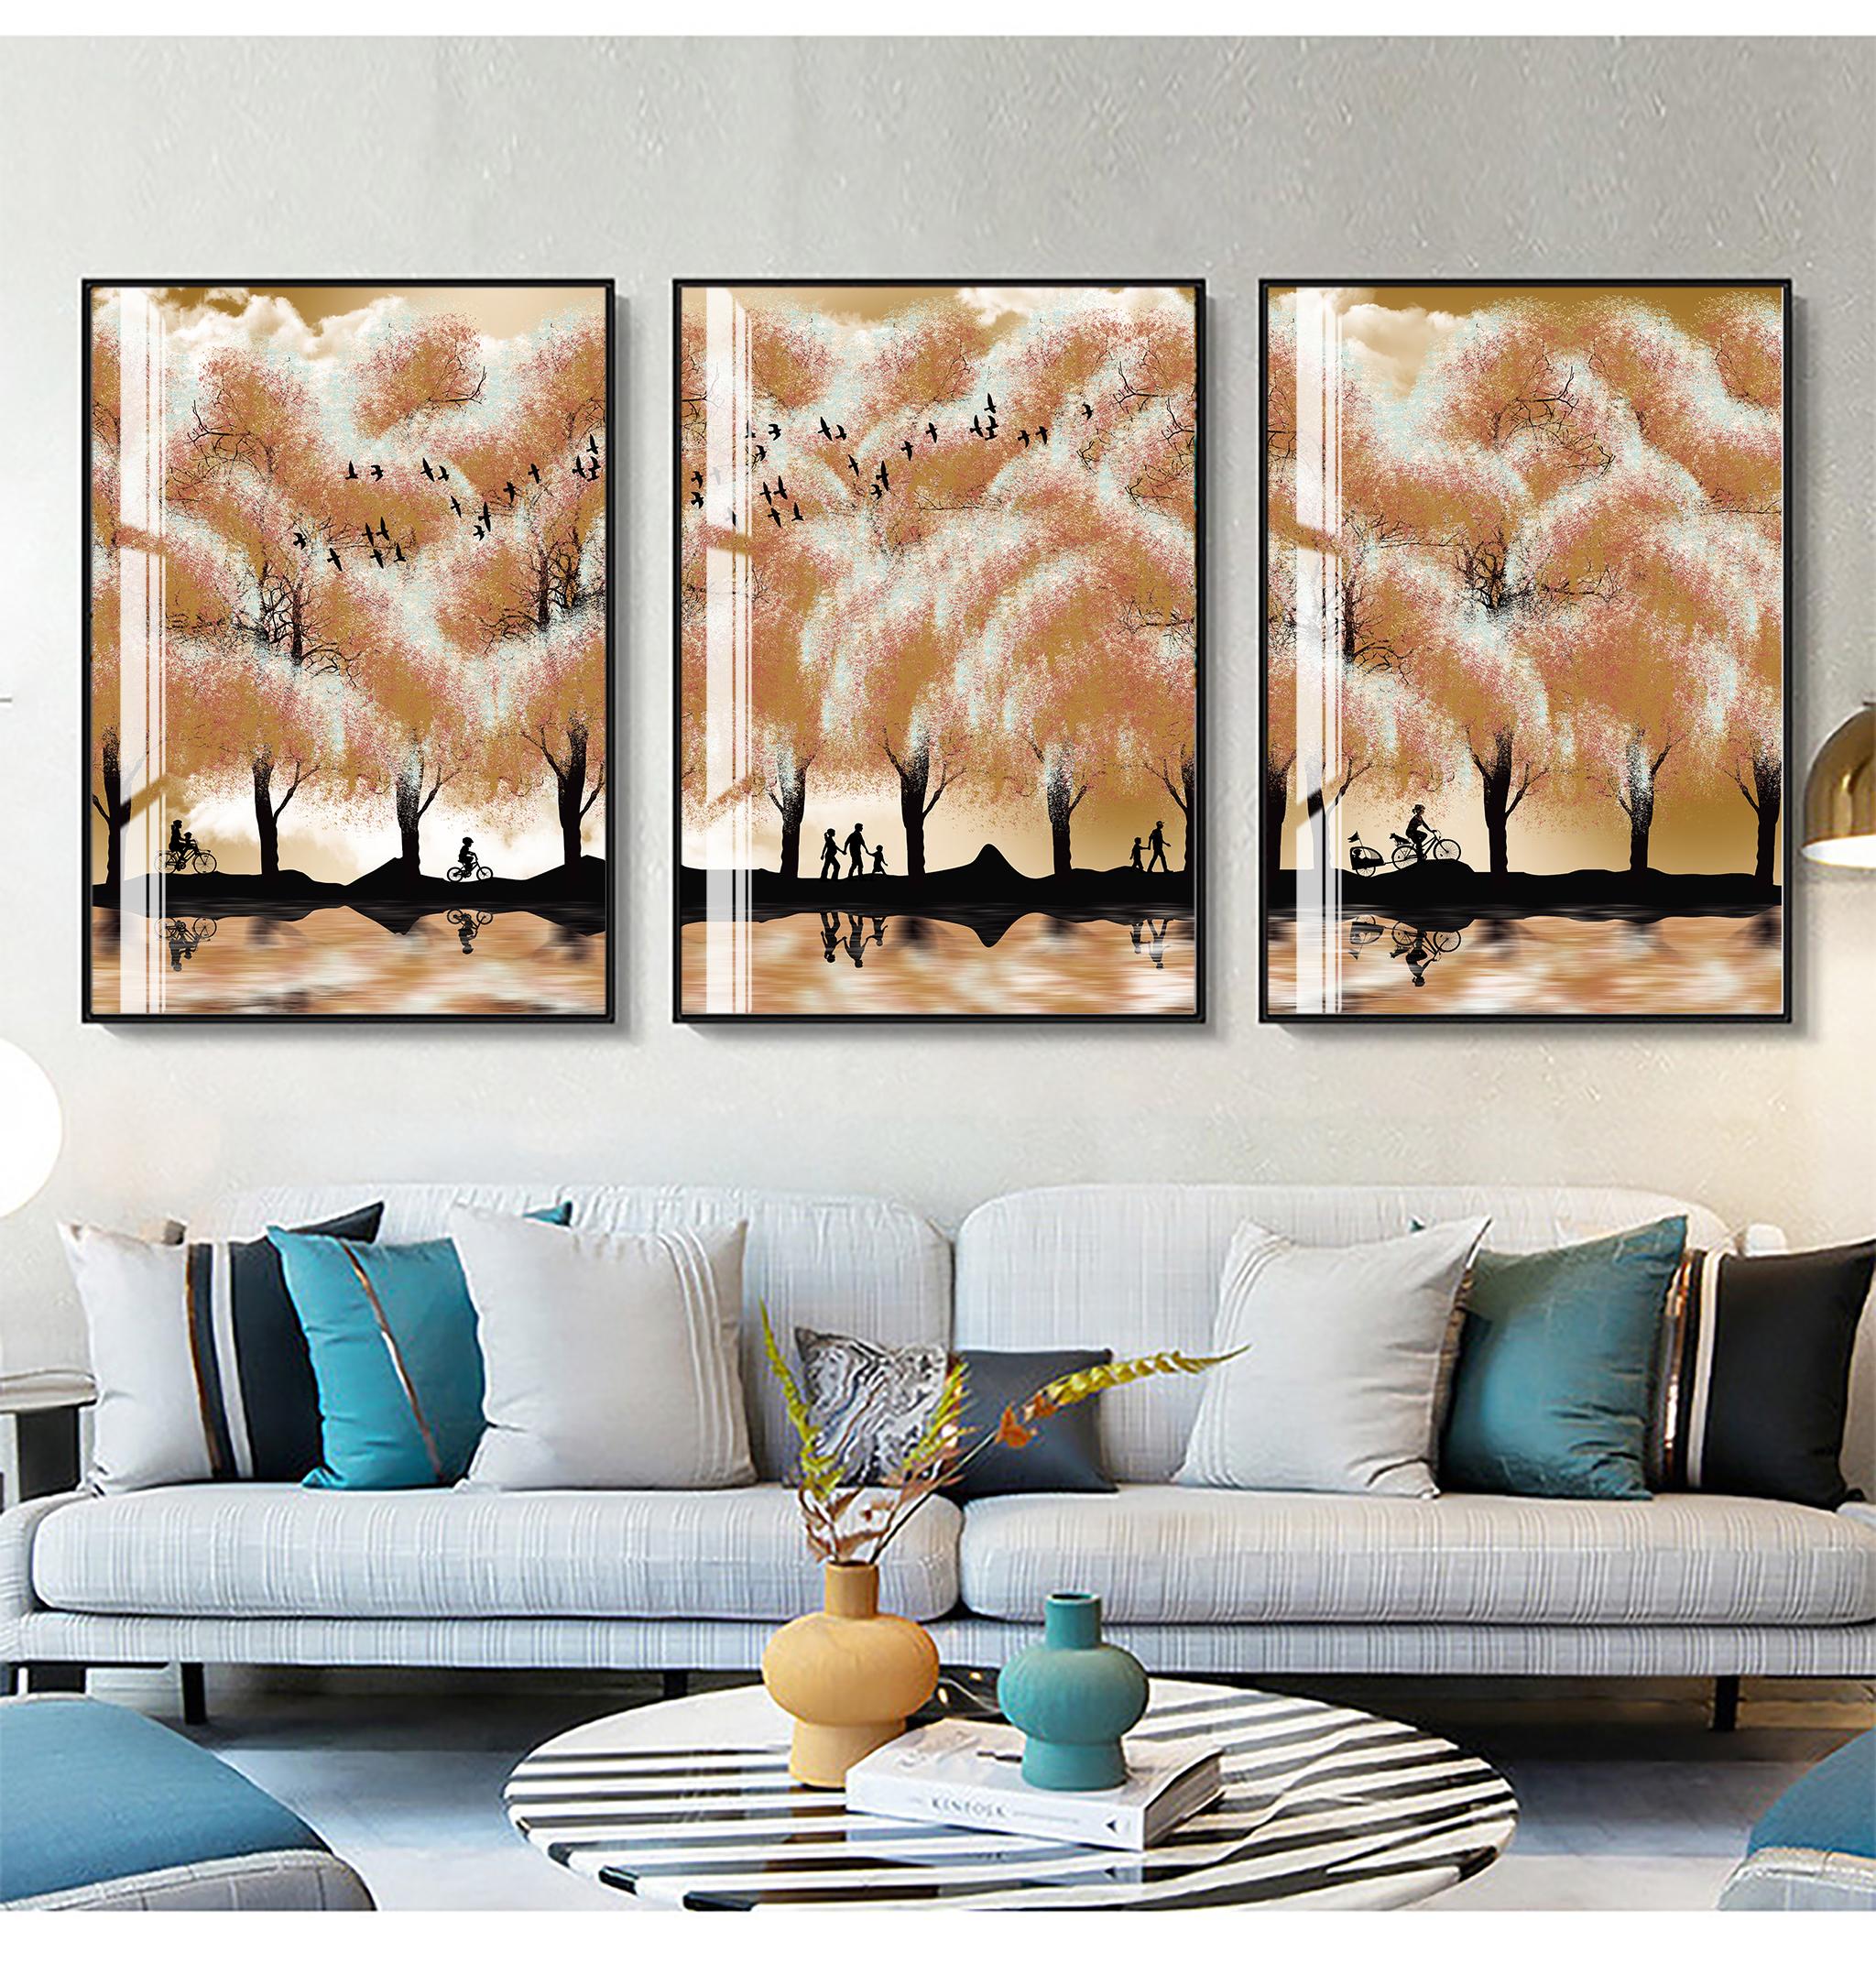 Tranh phong thuỷ Mica 3 bức Gia đình hạnh phúc trừu tượng (Bình Địa Mộc). Model: AZ3-0098. Khung nhôm hoặc Composite. Hình ảnh sắc nét, sang trọng, phù hợp nhiều không trang trí